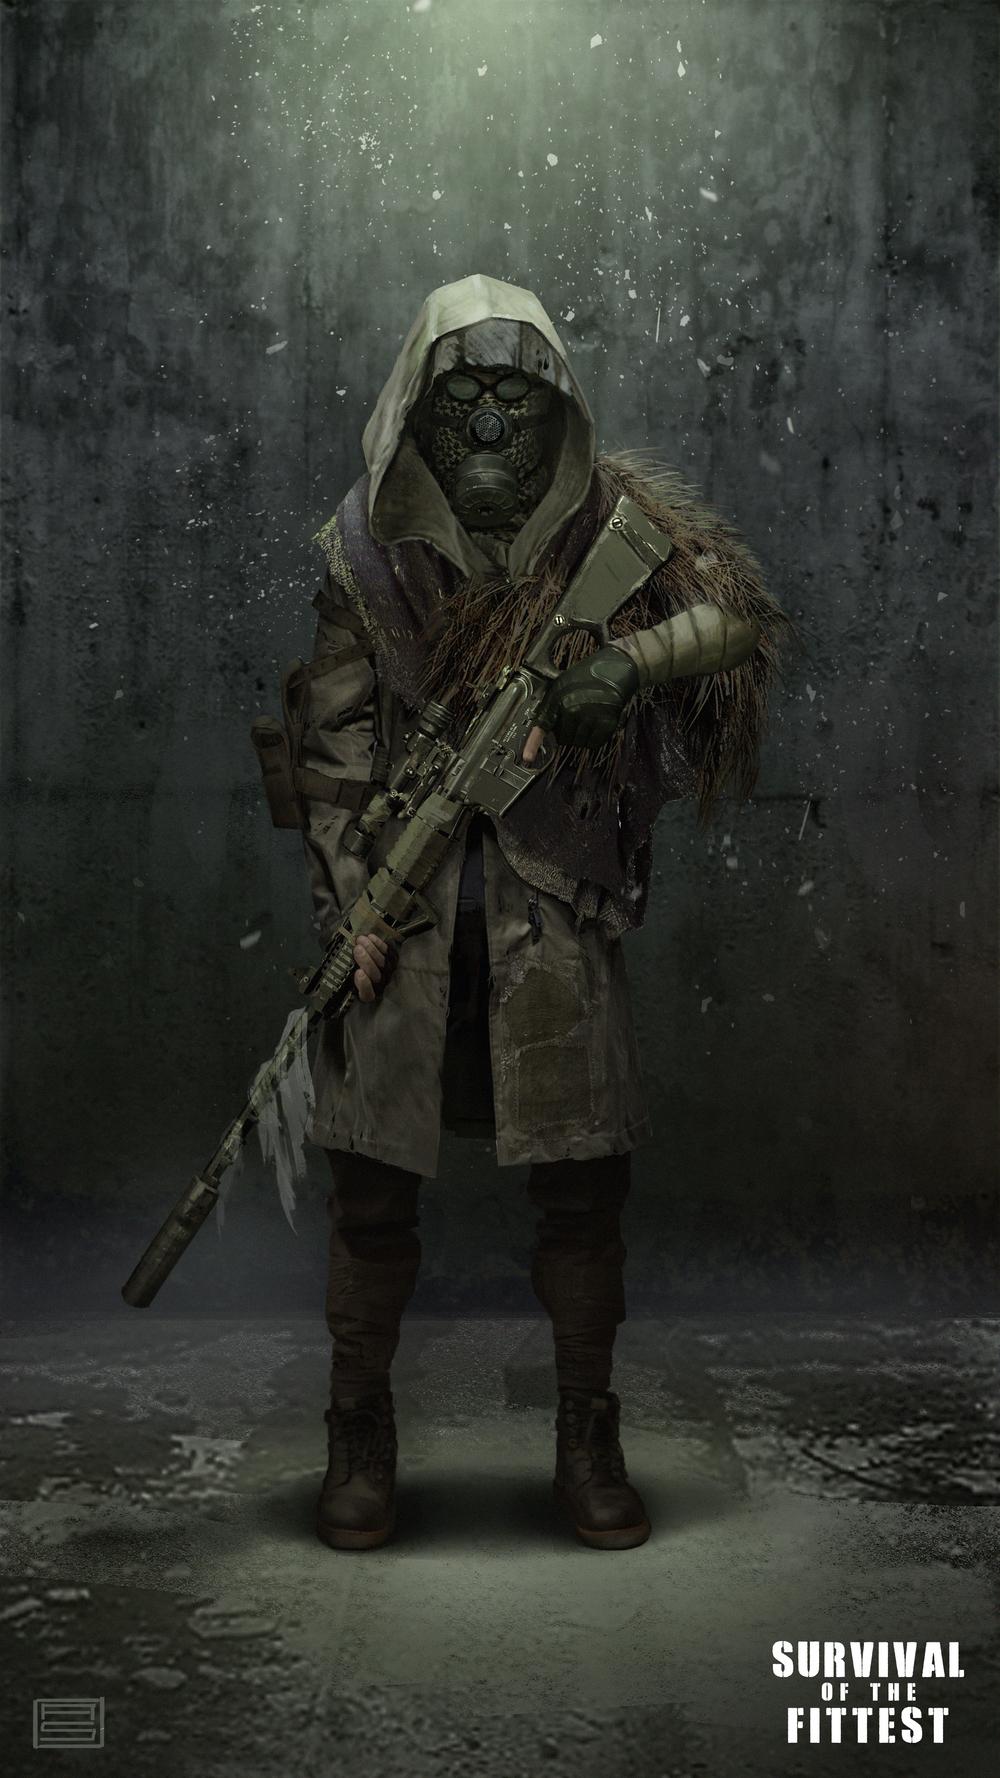 sotf_sniper_asim_steckel.jpg